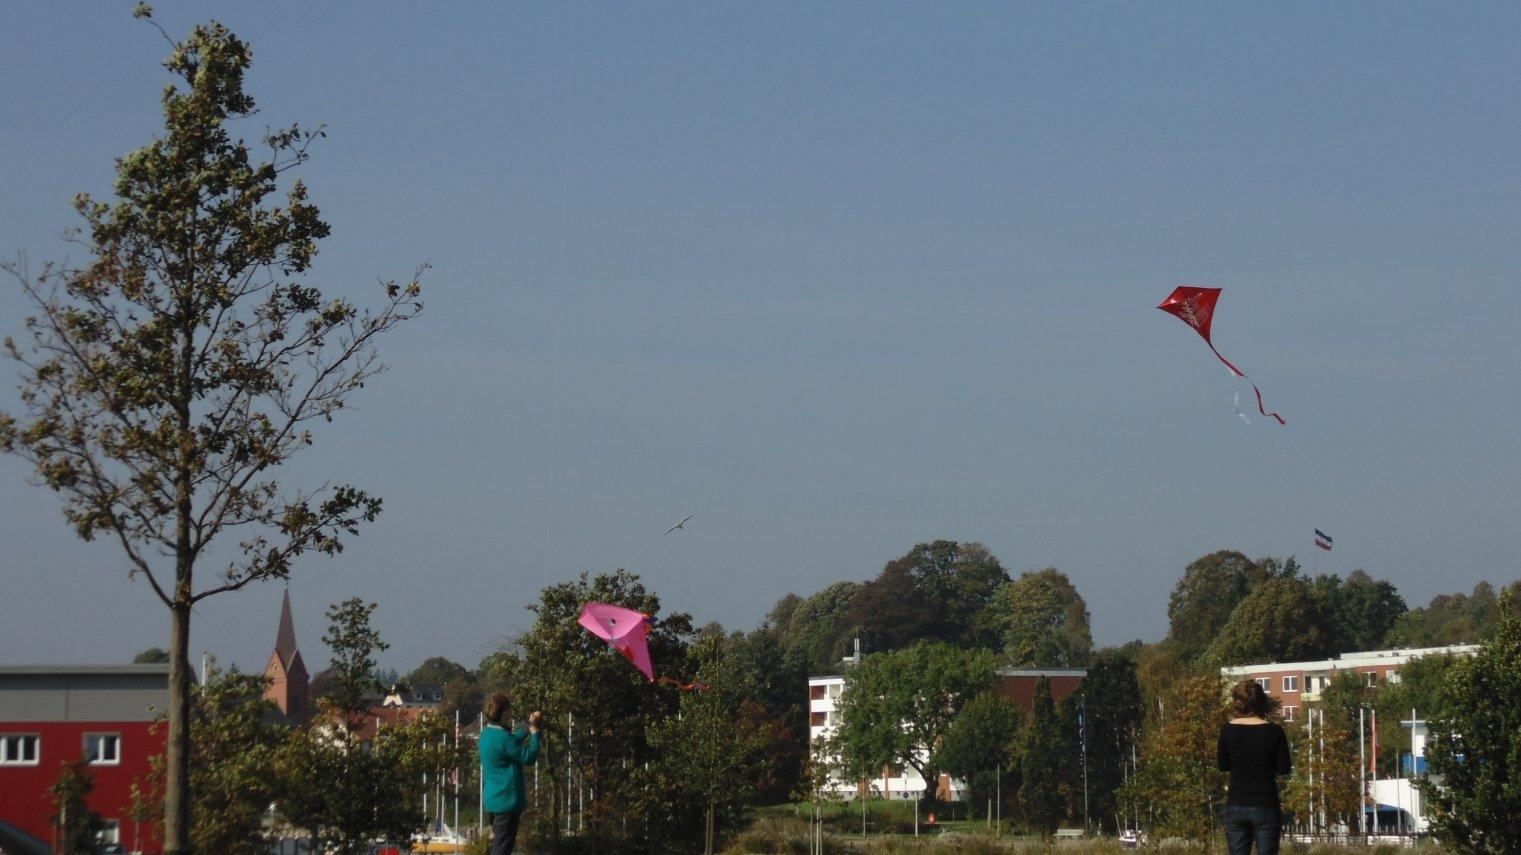 """""""Drachen statt Drohnen!"""" in Schleswig"""